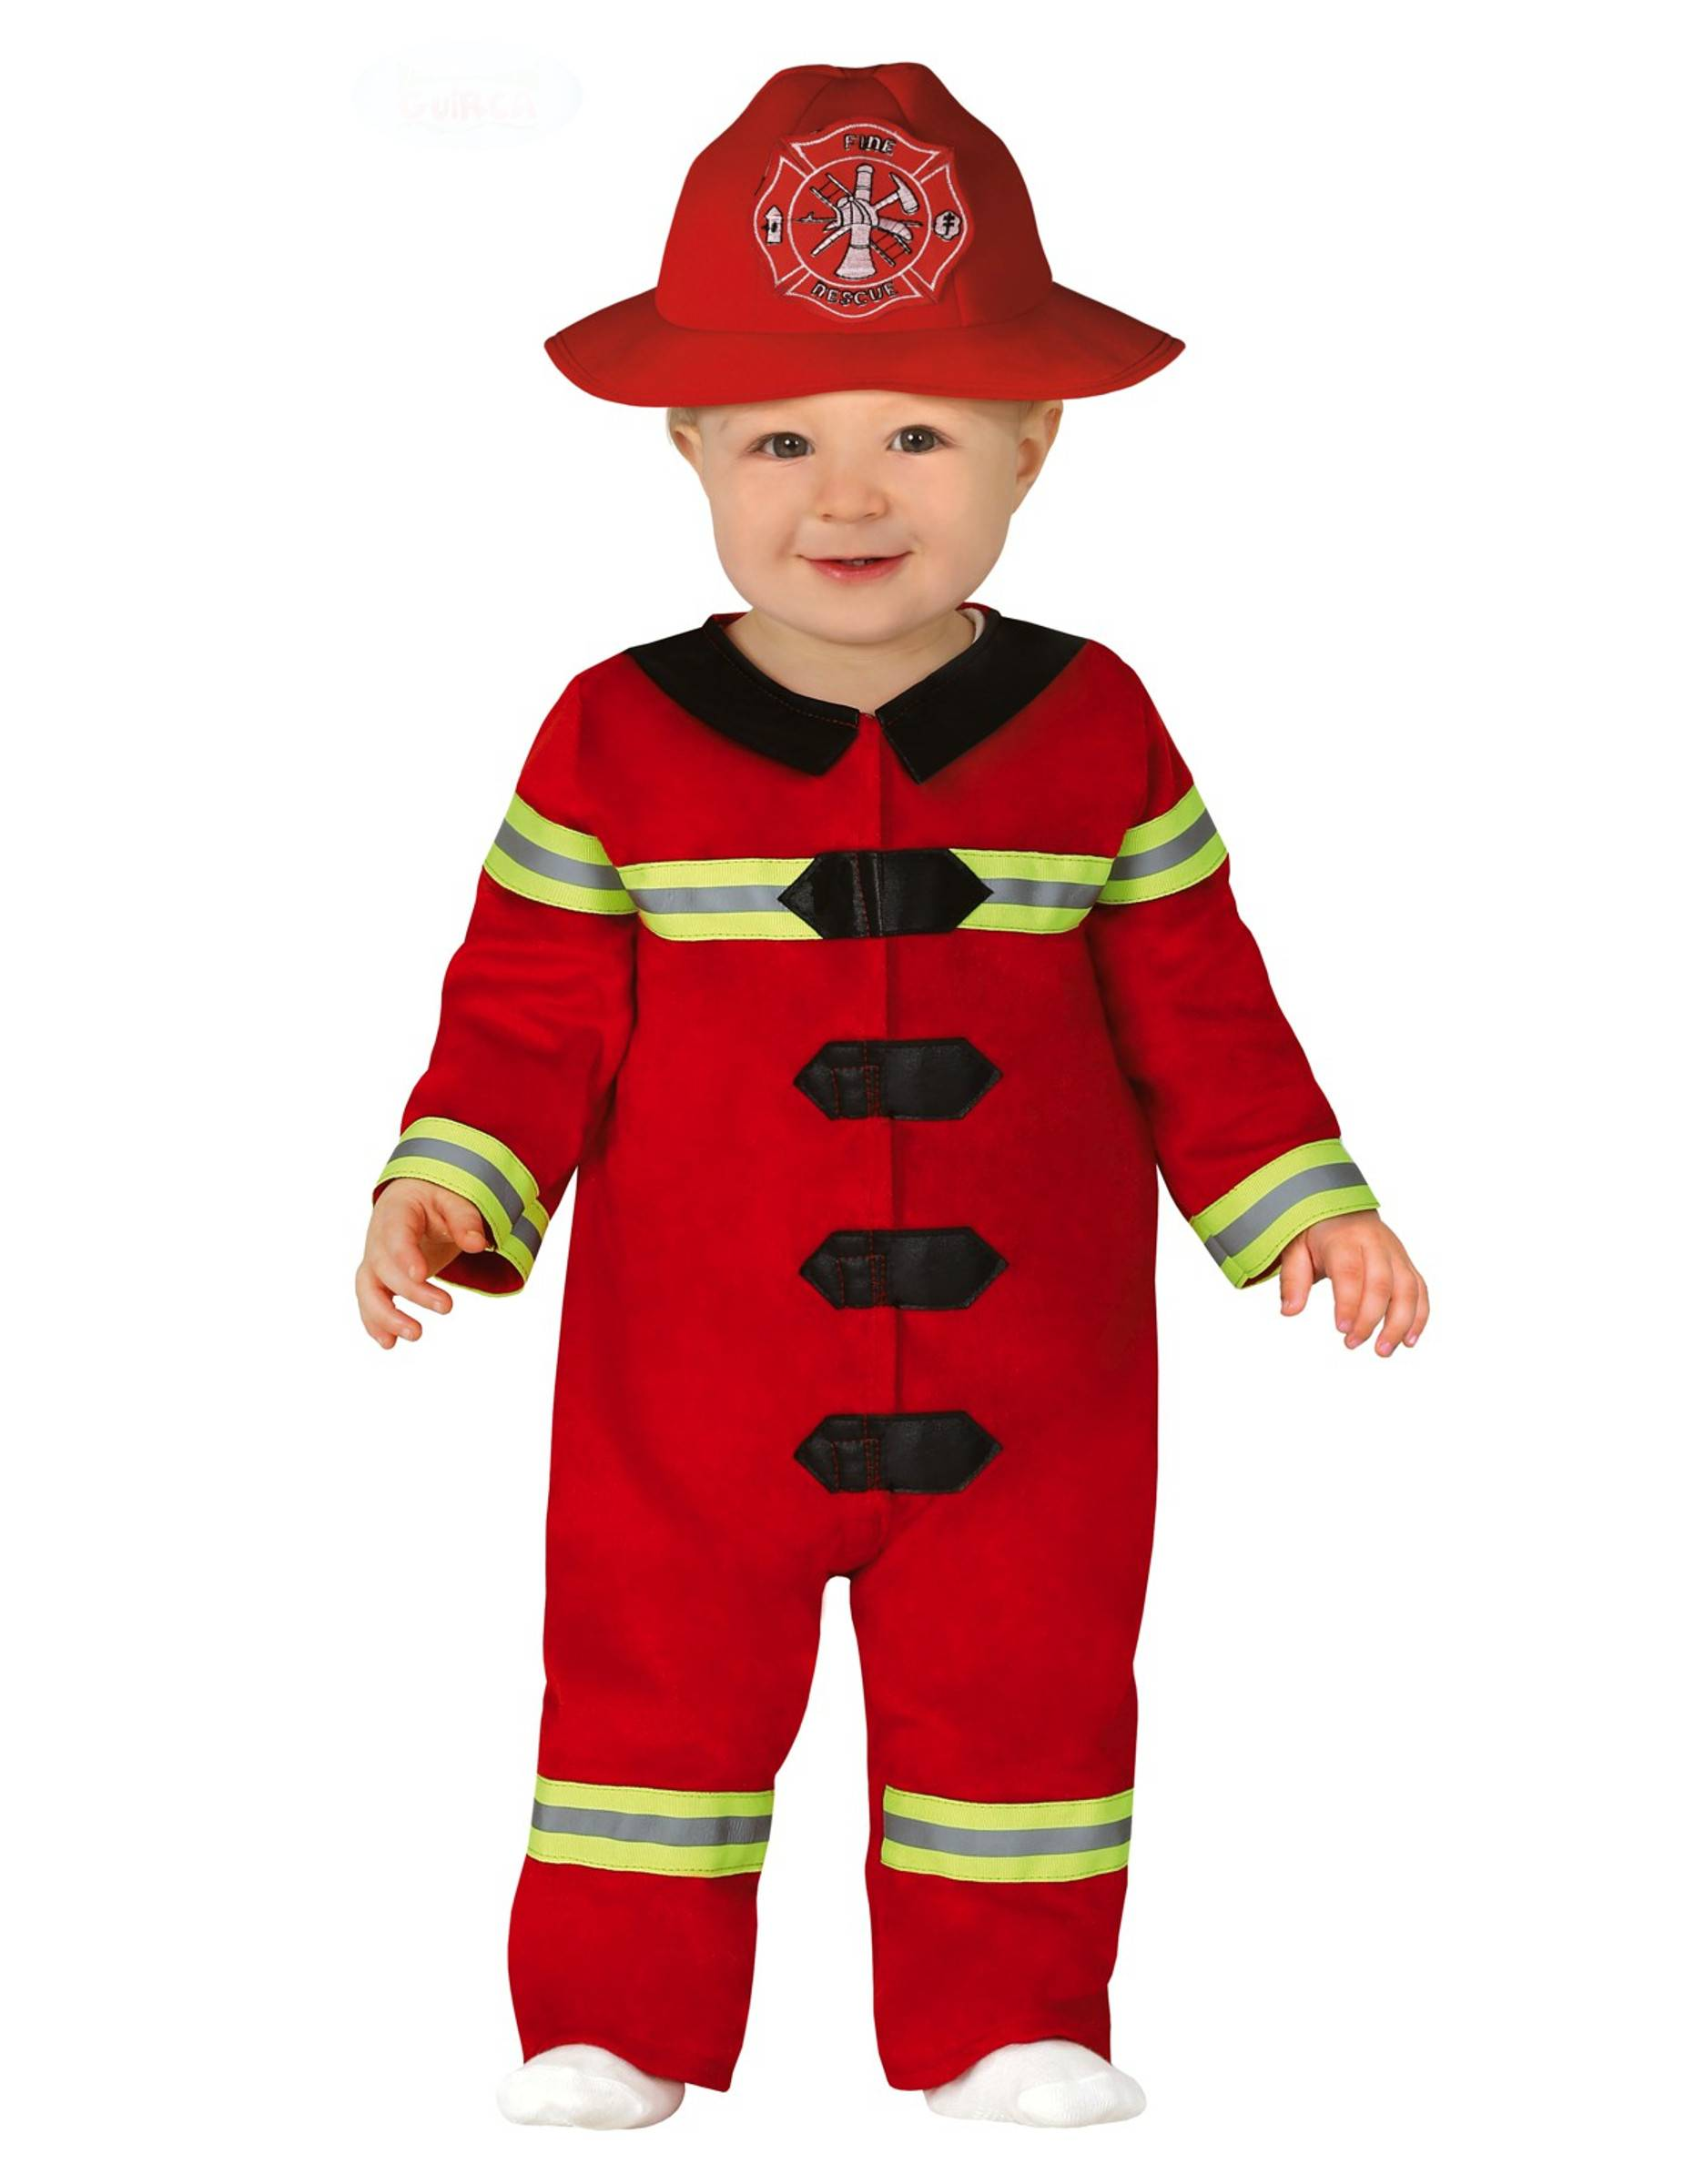 Deguisetoi Déguisement petit pompier bébé - Taille: 6 à 12 mois (82-83 cm)